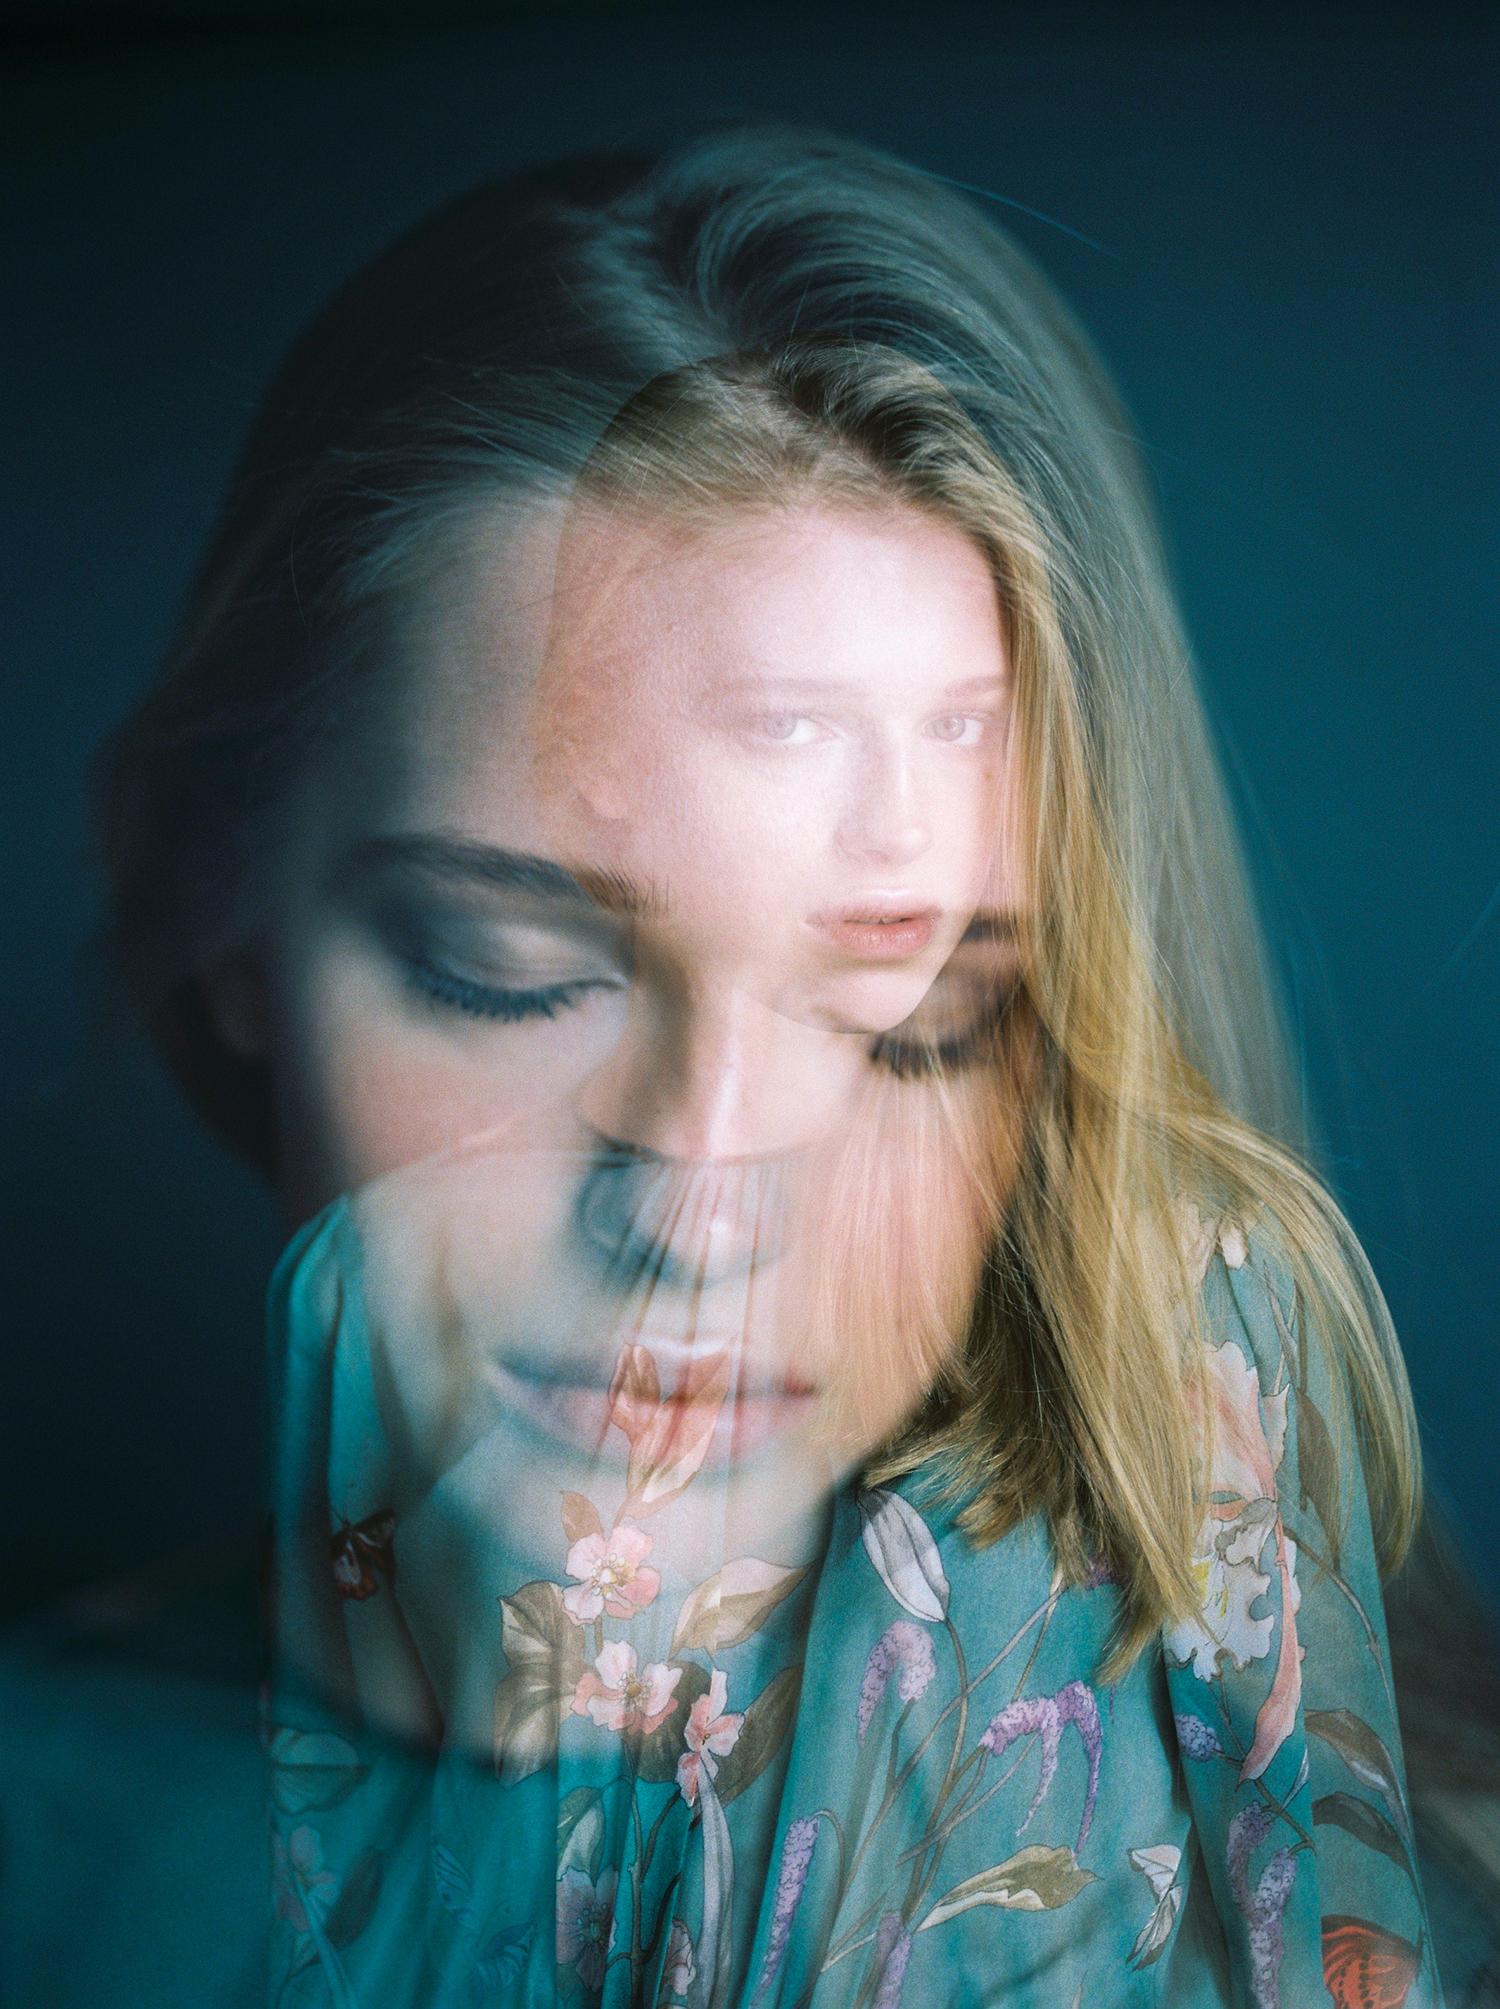 Emily Unkles for Elite London by Dmitry Serostanov